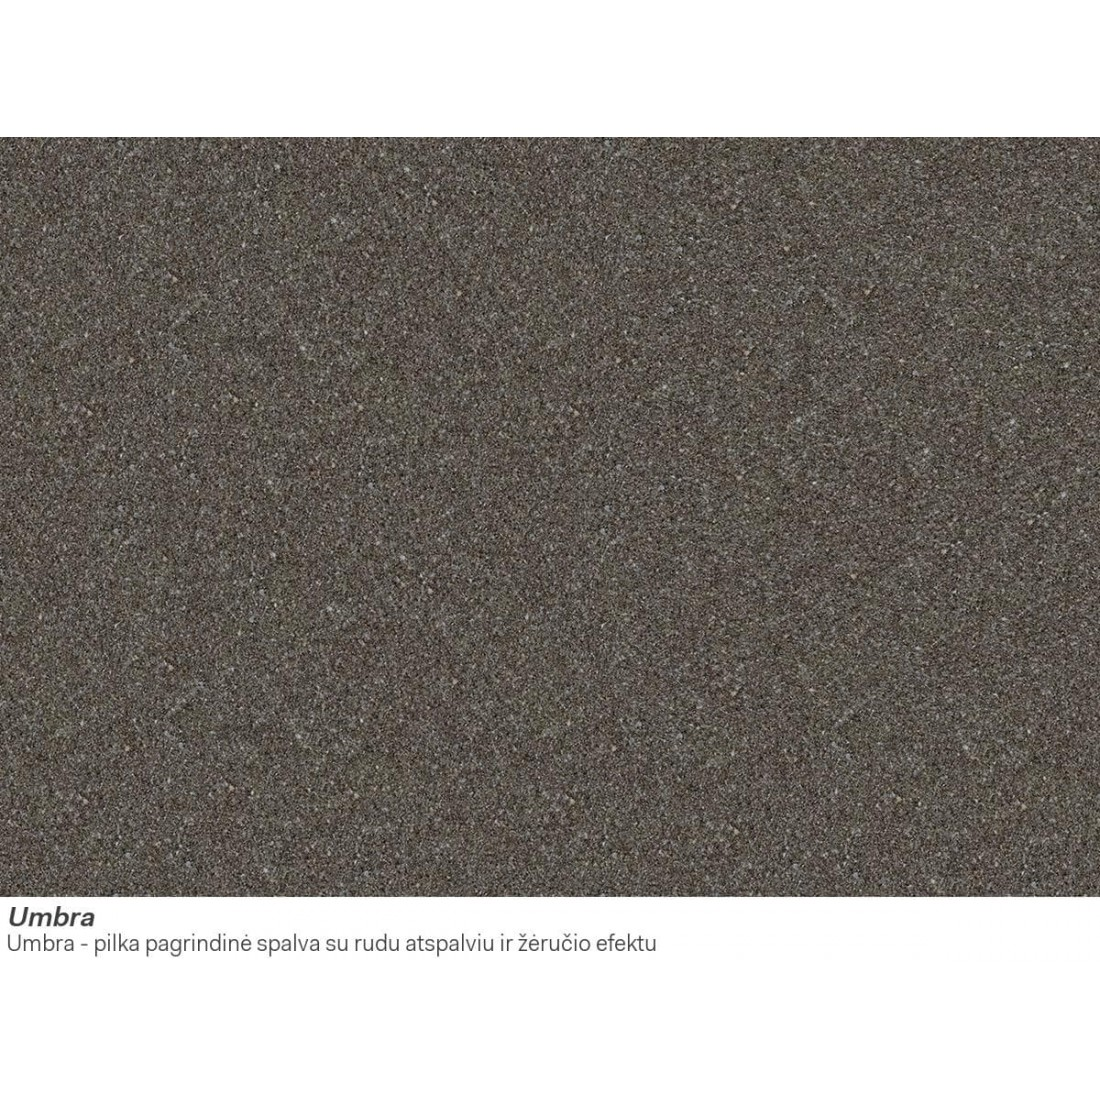 Akmens masės plautuvė Franke Mythos, MTG 611, Umbra, dubuo dešinėje